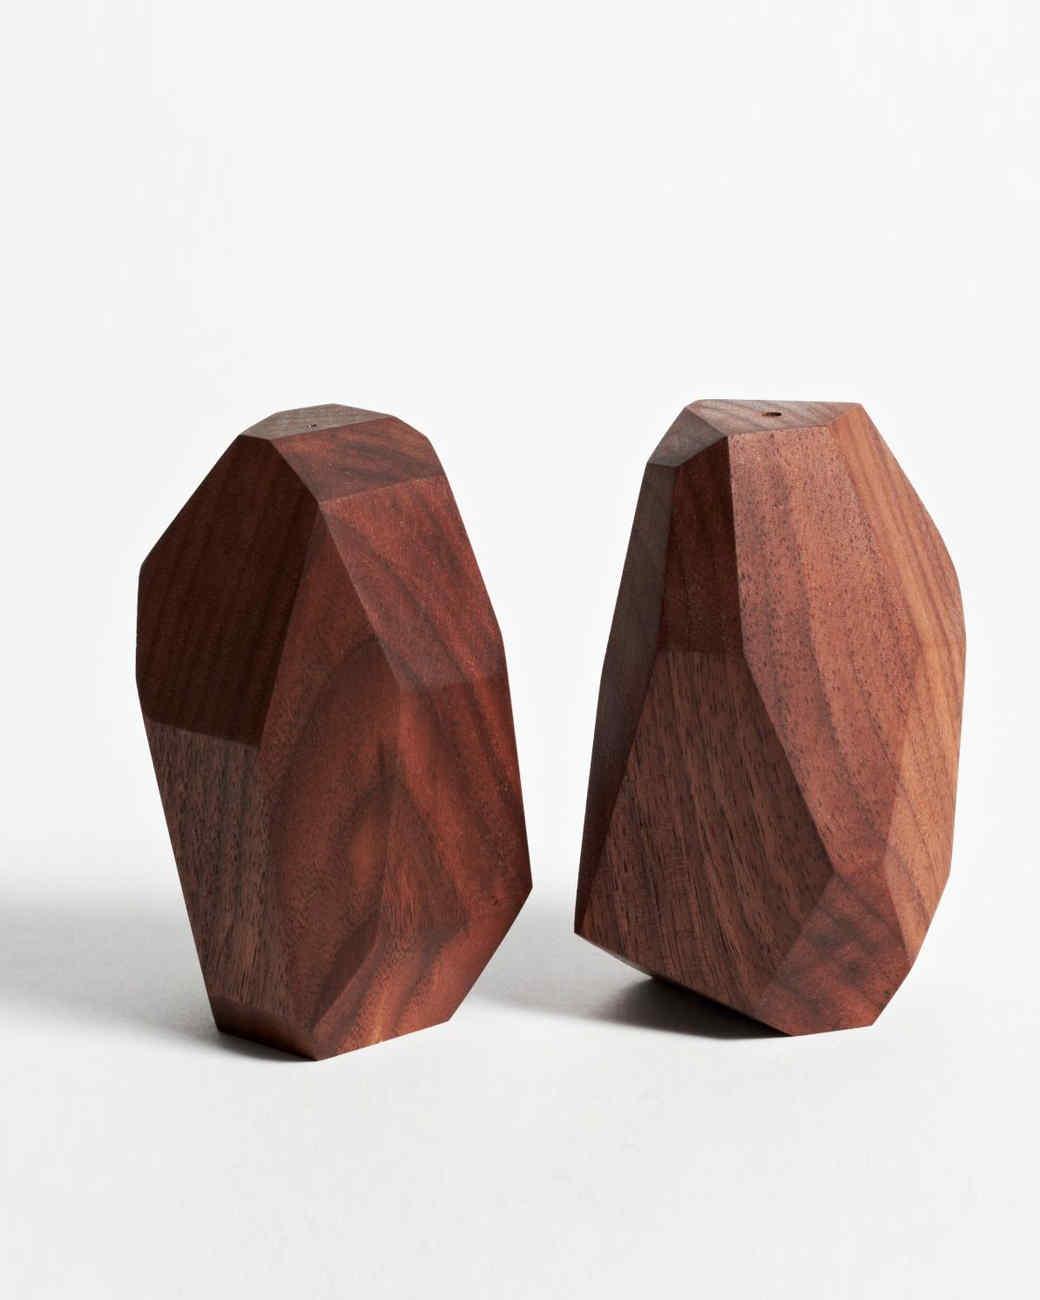 reed-wilson-design-shakers-1114.jpg